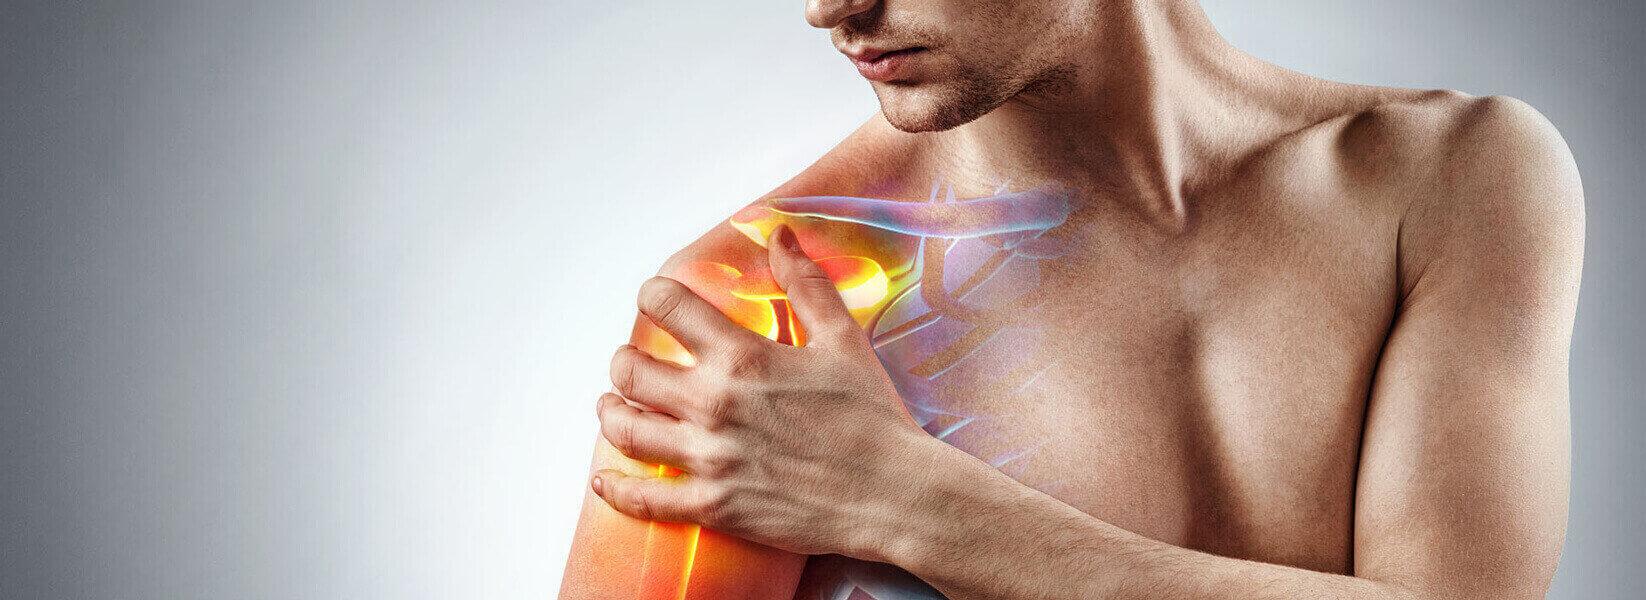 Μονάδα αρθροσκόπησης και χειρουργικής ώμου – γόνατος arthoskophsh omou